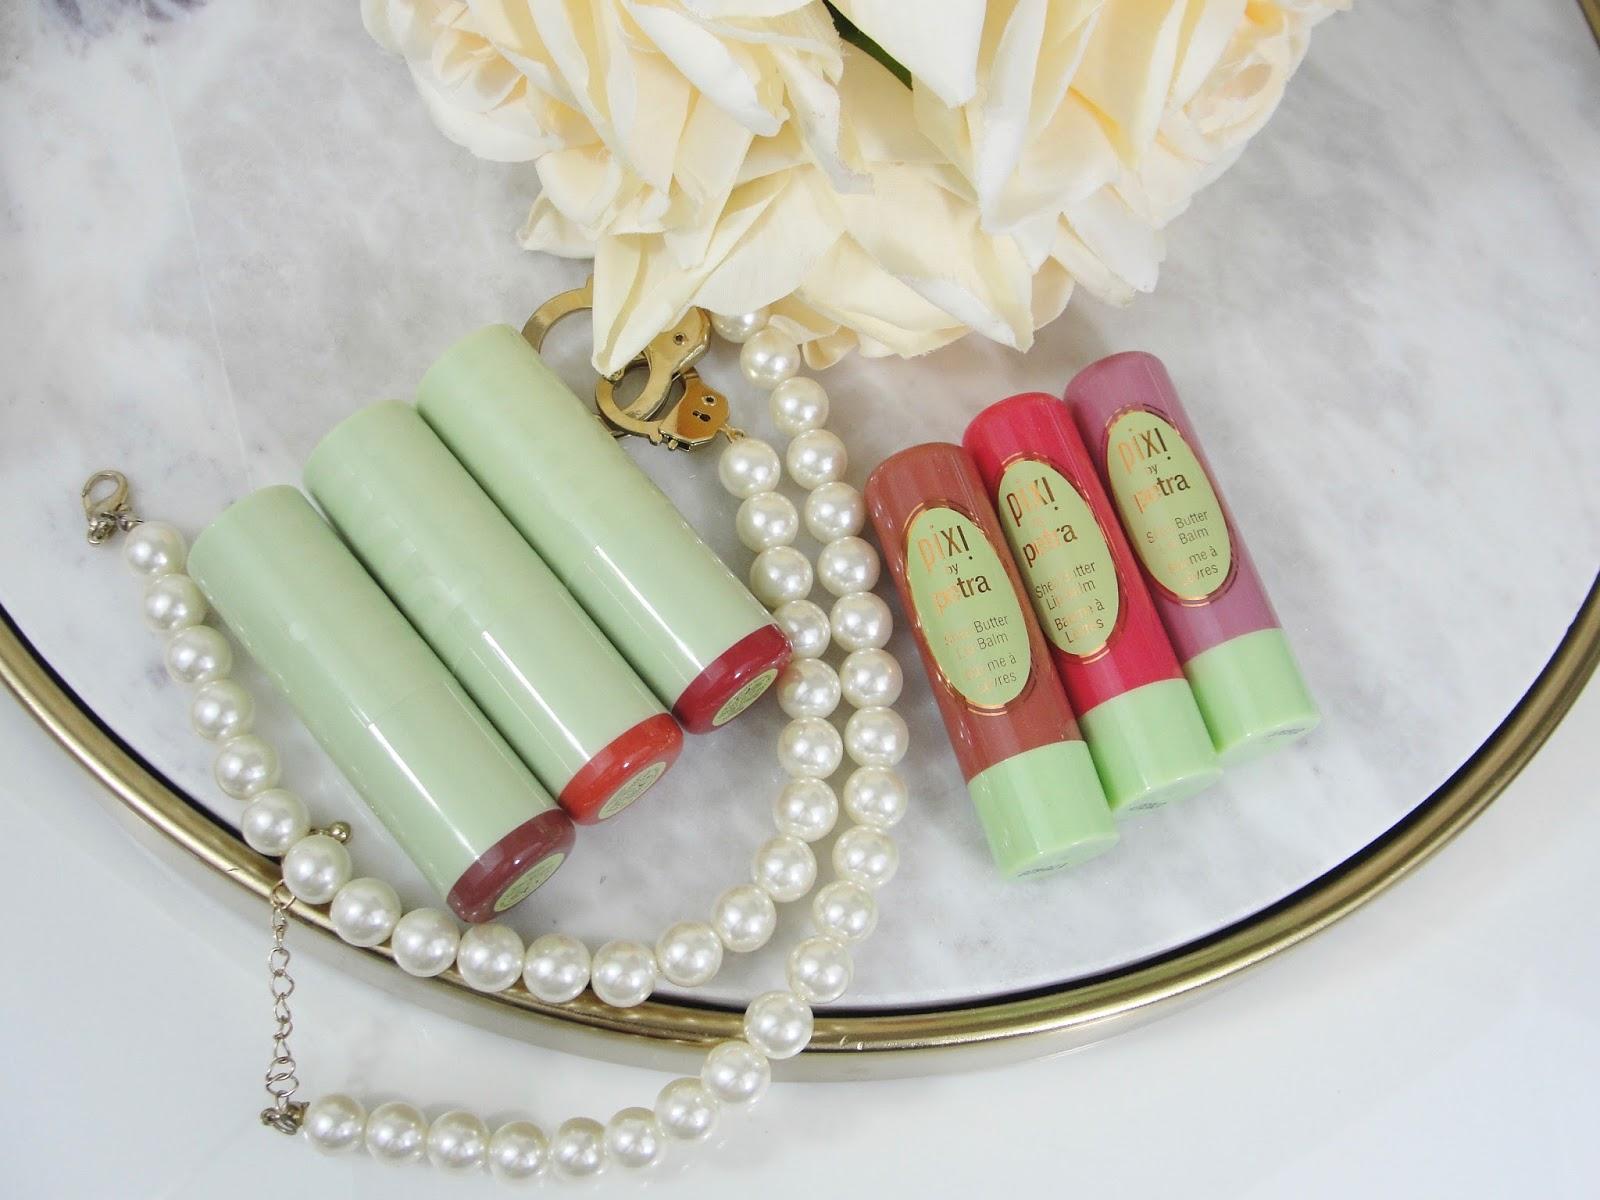 09e998e99ac Pixi Mattelustre Lipsticks   Shea Butter Lip Balm Review   Swatches